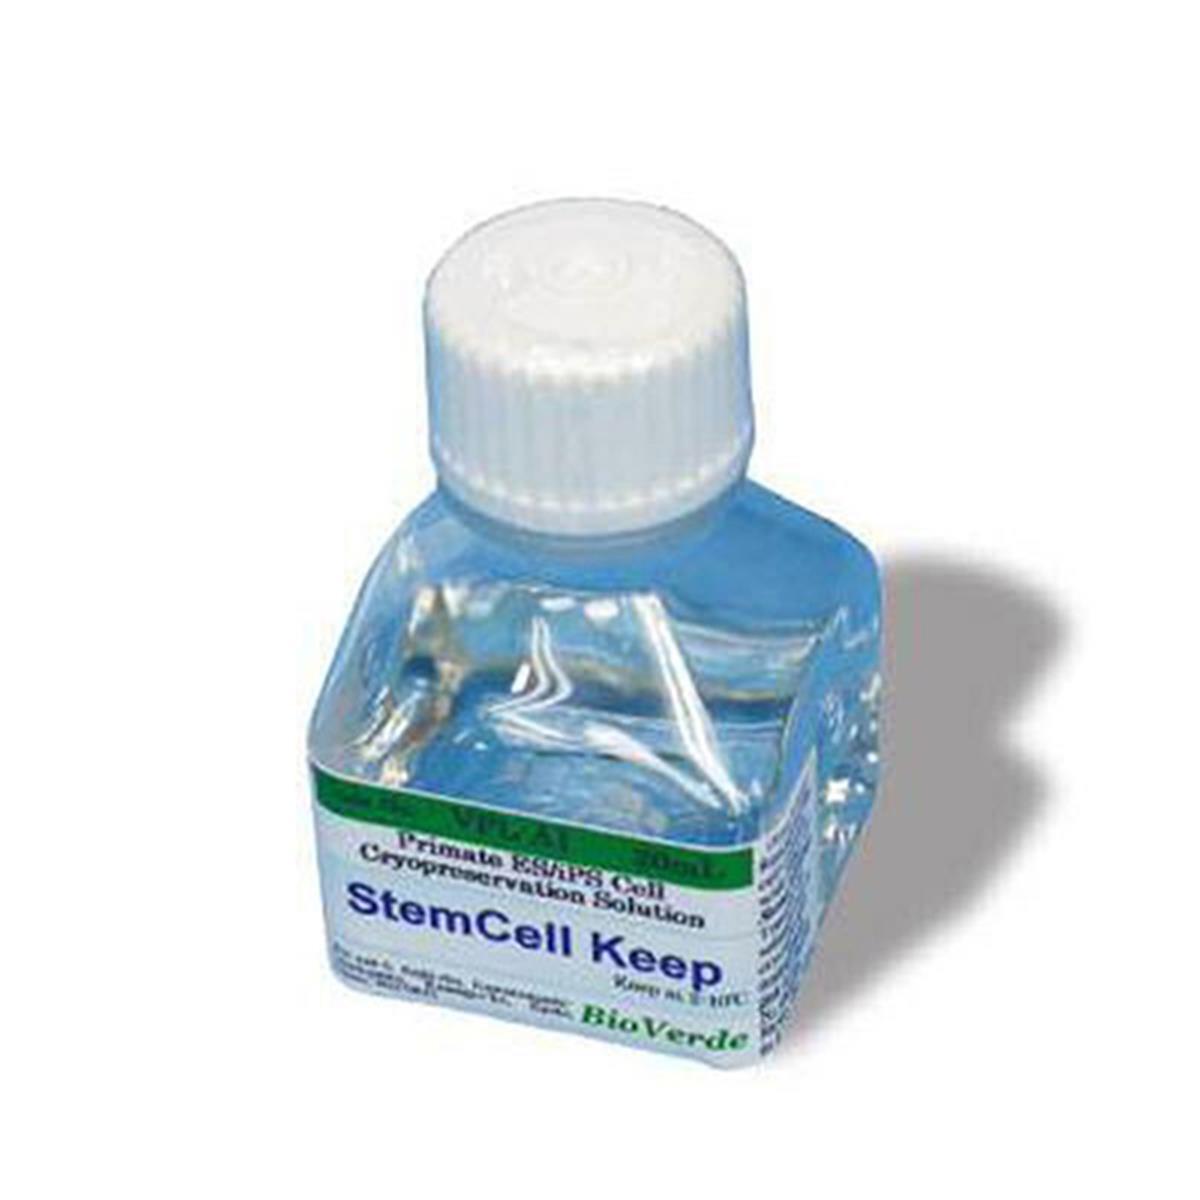 StemCell Keep